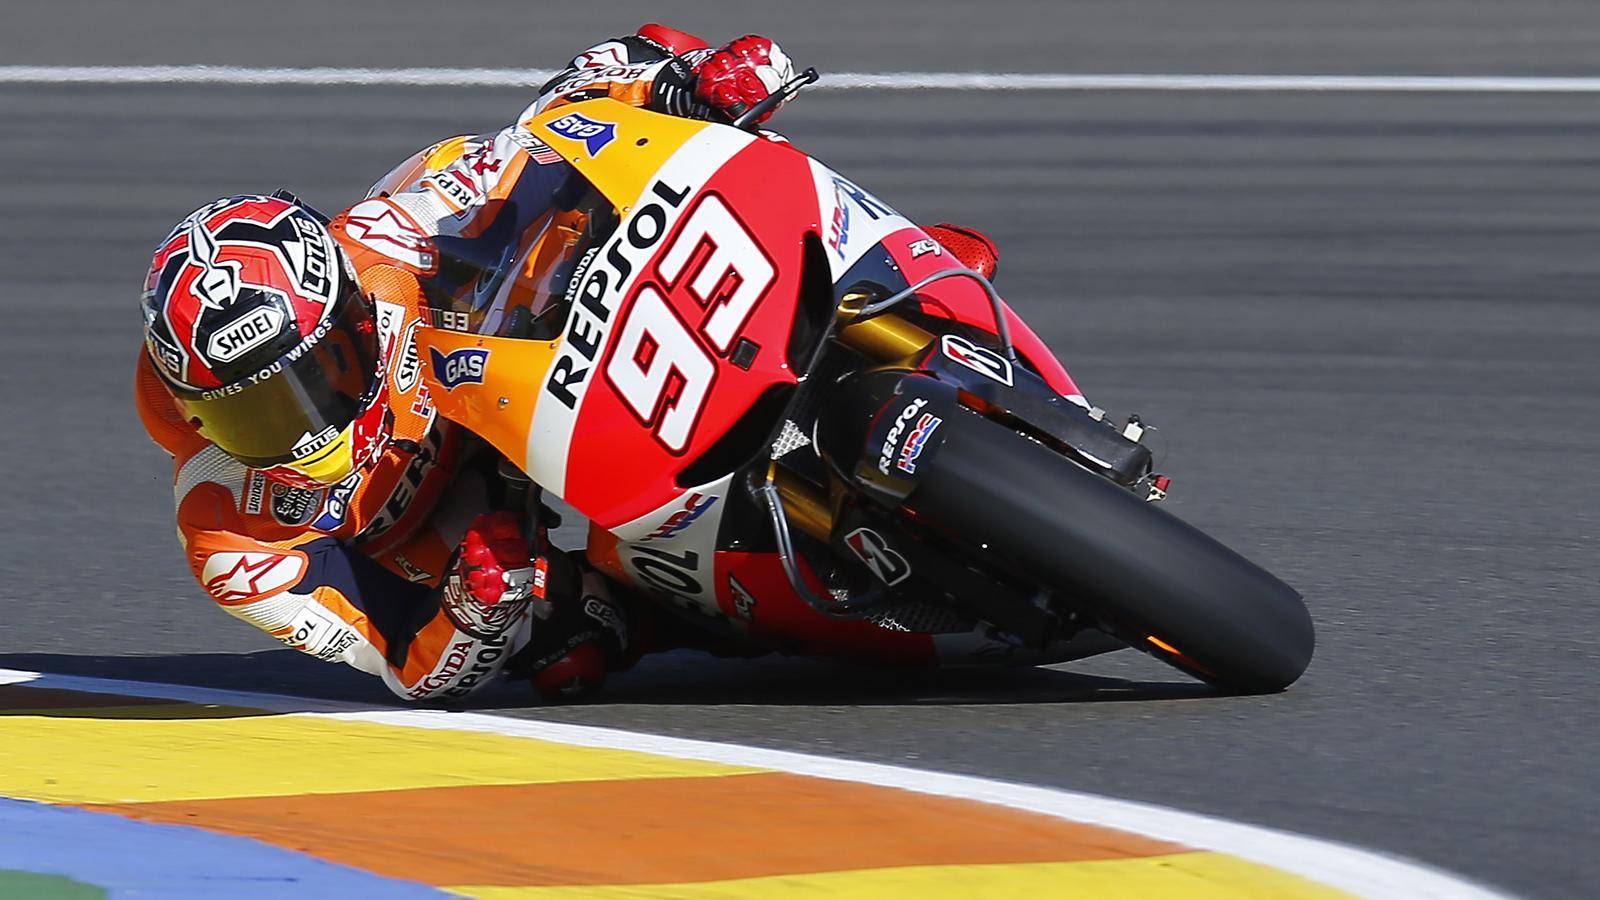 Wallpaper Moto GP 2015 WallpaperSafari